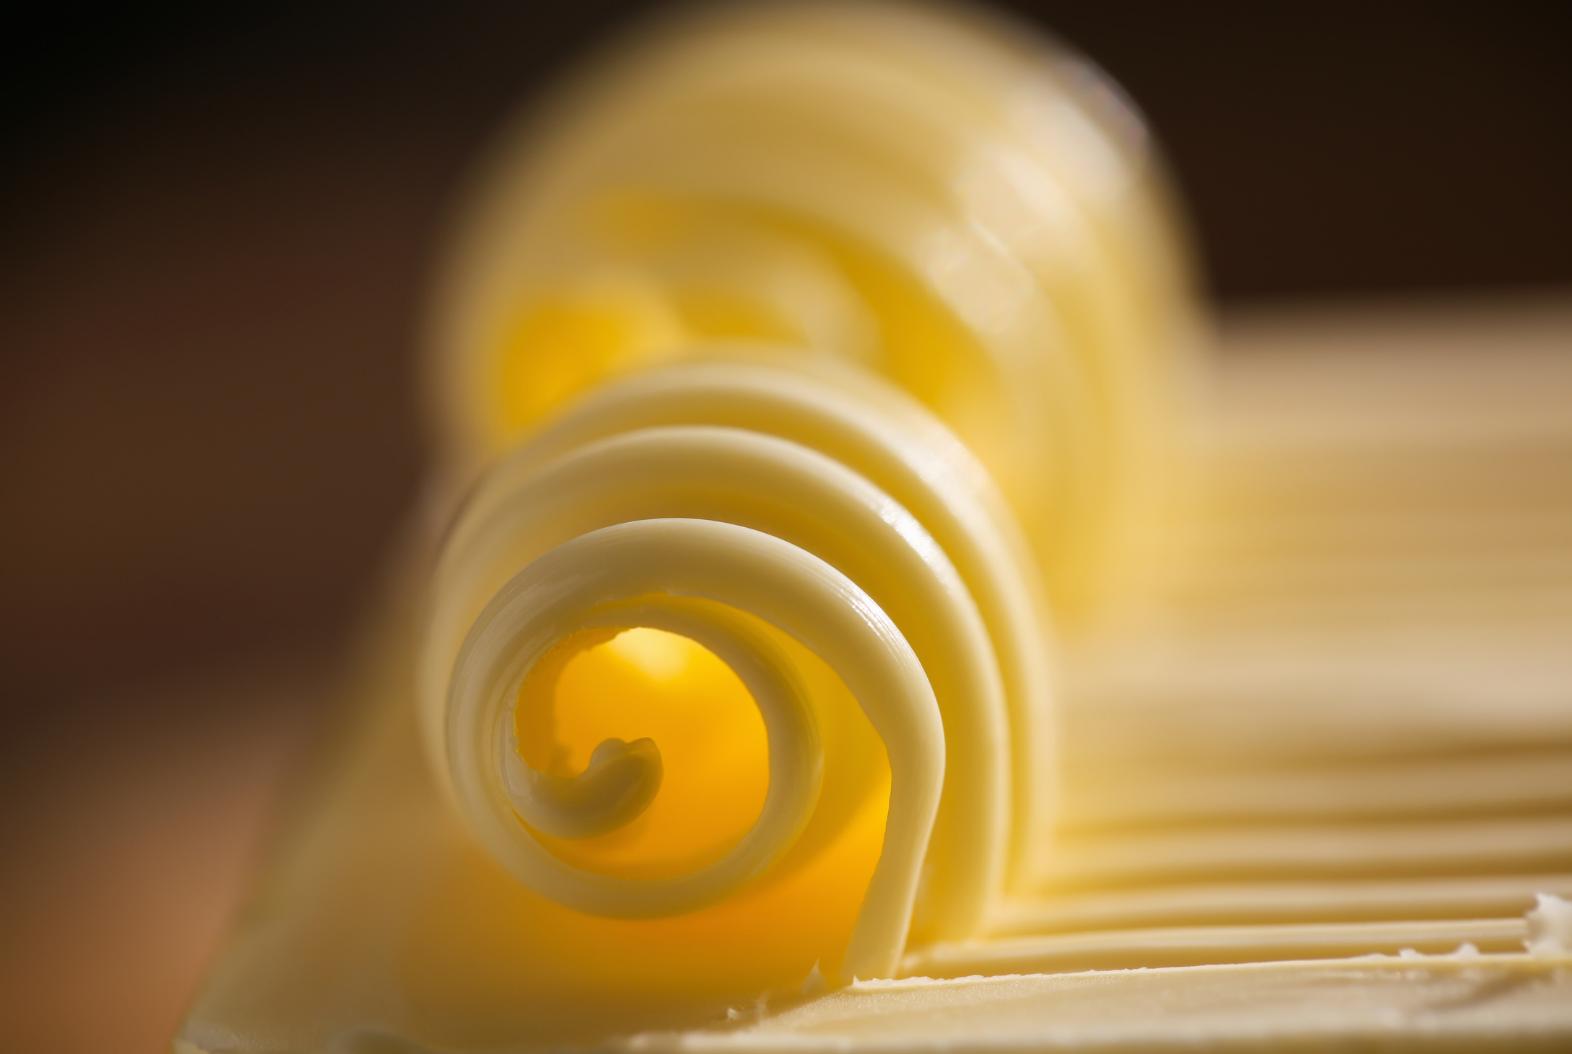 cours du beurre